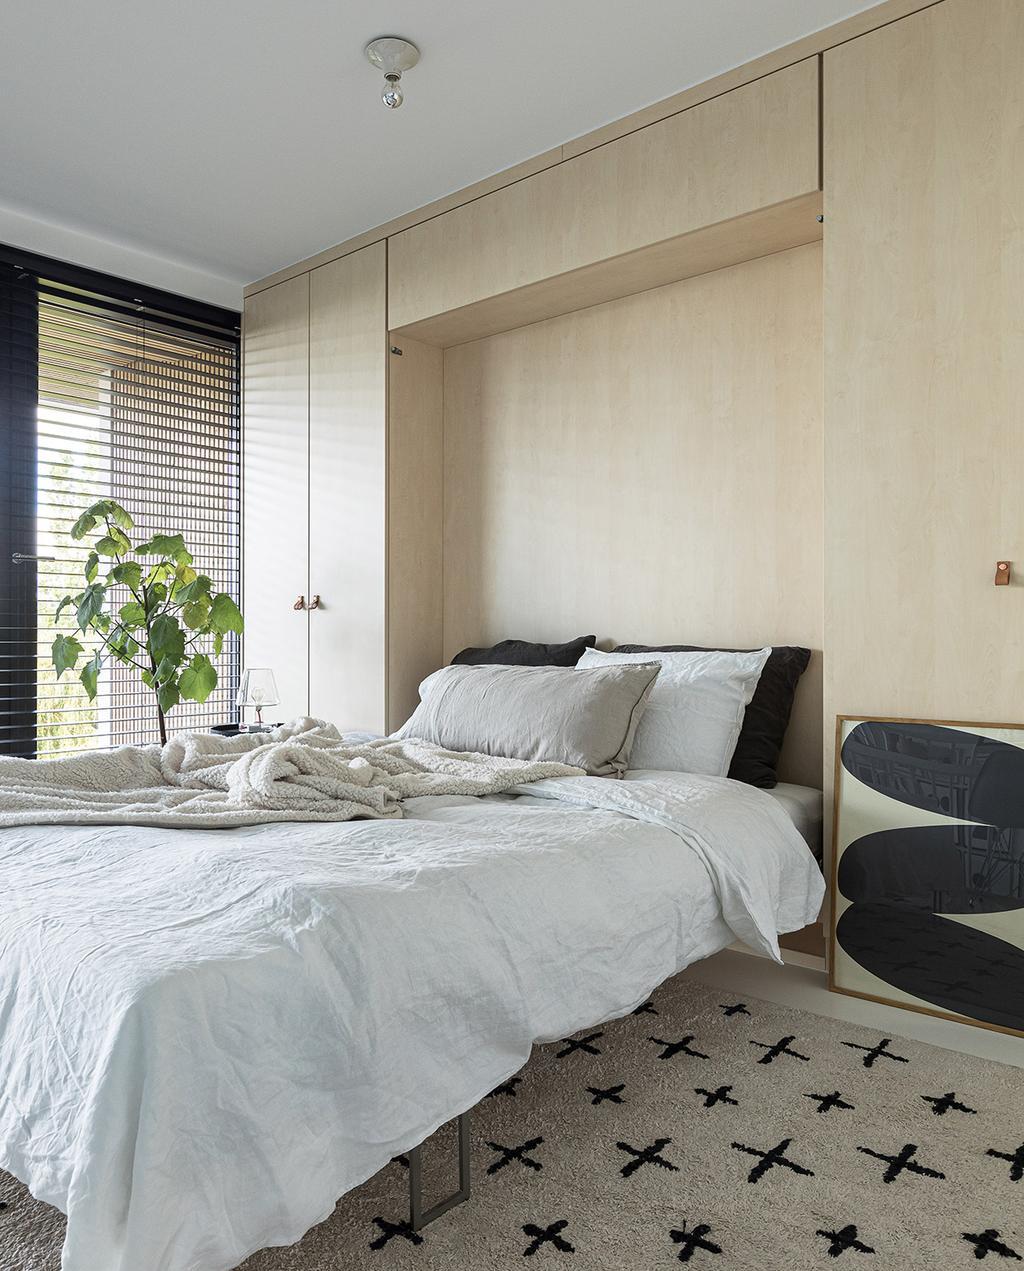 vtwonen 04-2021 | opklapbed in logeerkamer gele slaapkamer met ruimtelijke uitstraling